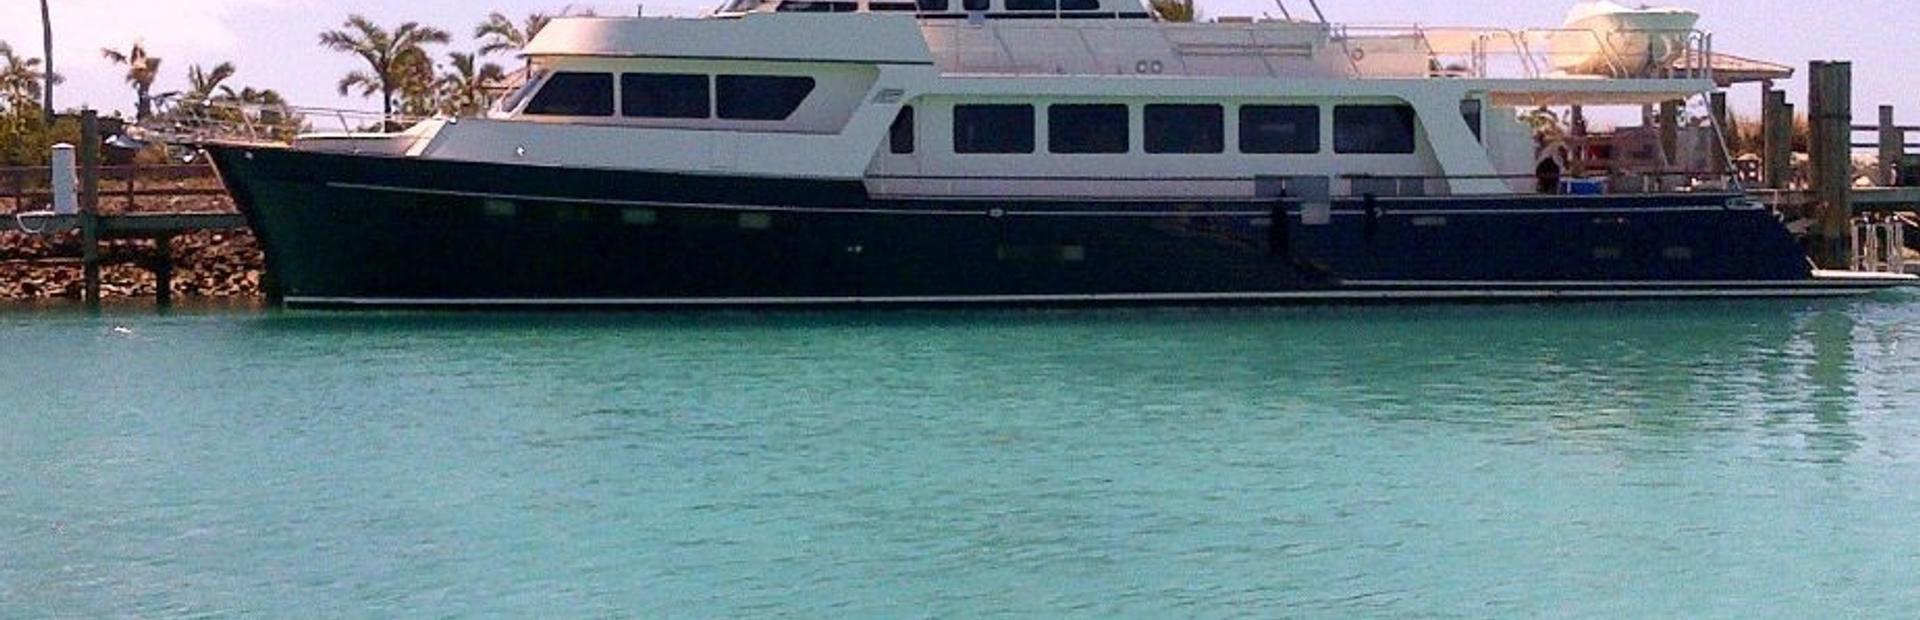 Marlow Explorer 97E Yacht Charter